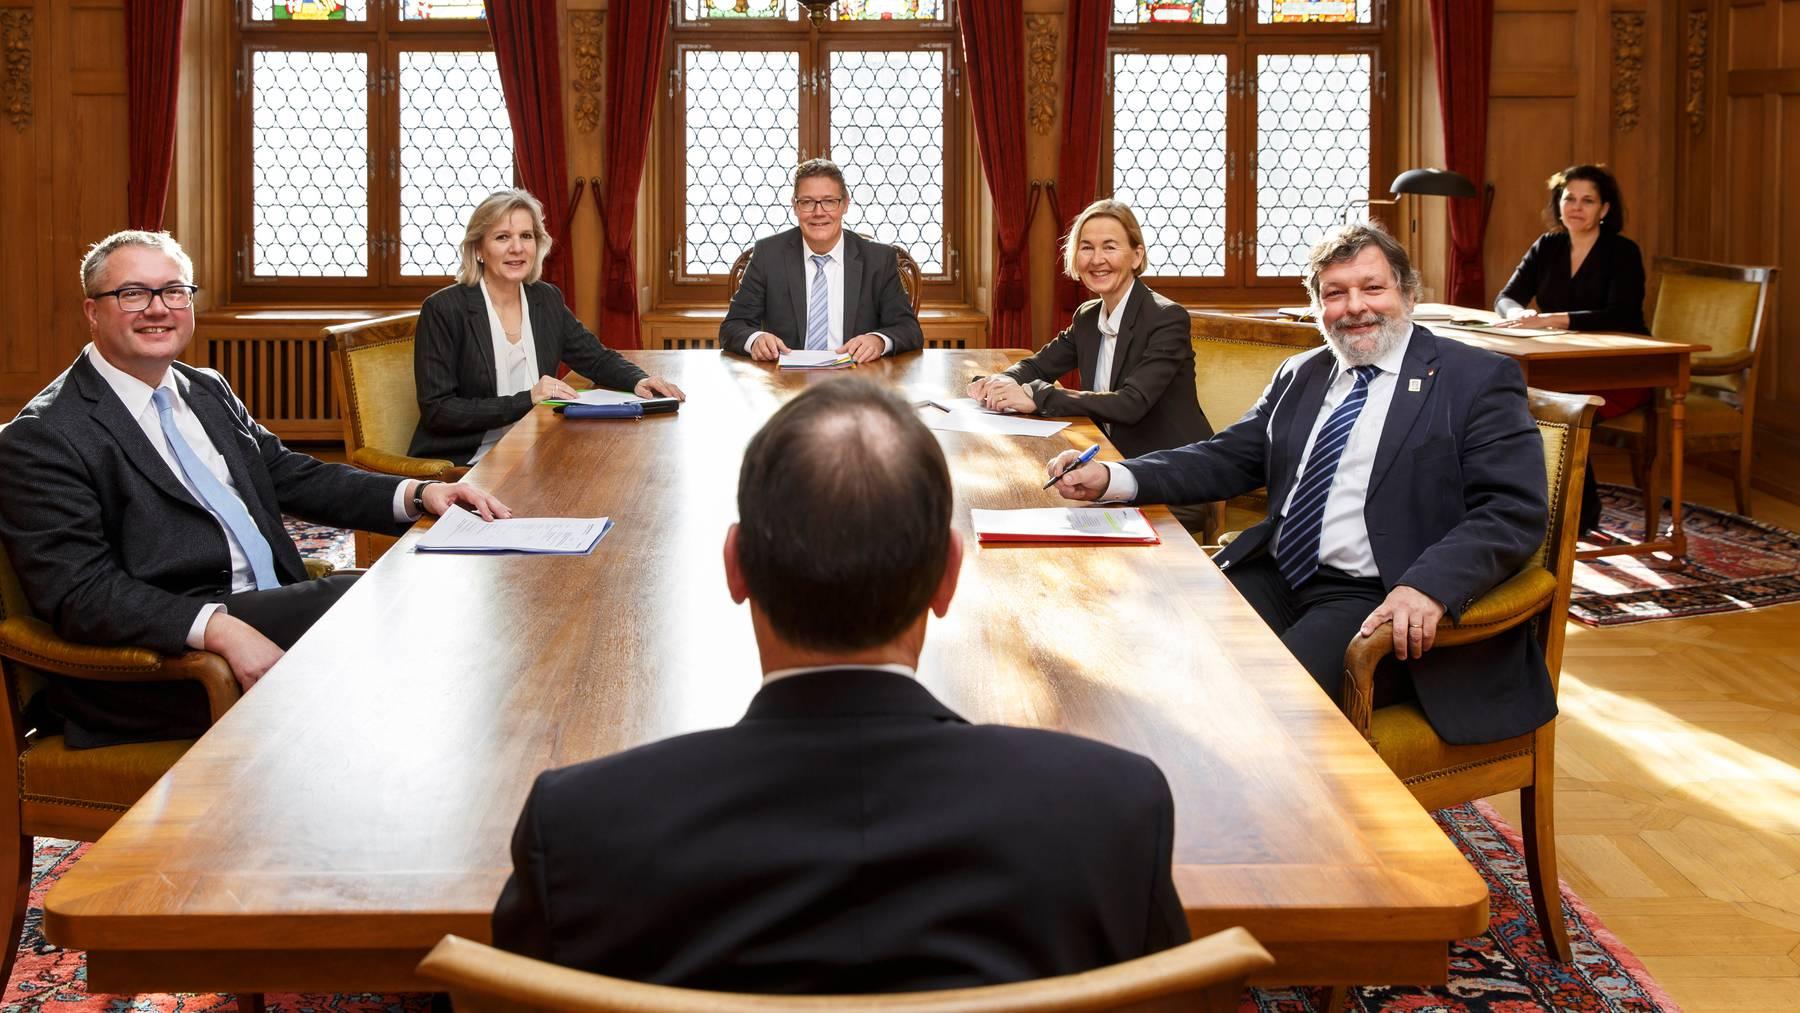 Die Regierungsräte Remo Ankli (ganz links) und Roland Heim (ganz rechts) befinden sich aktuell in Quarantäne.